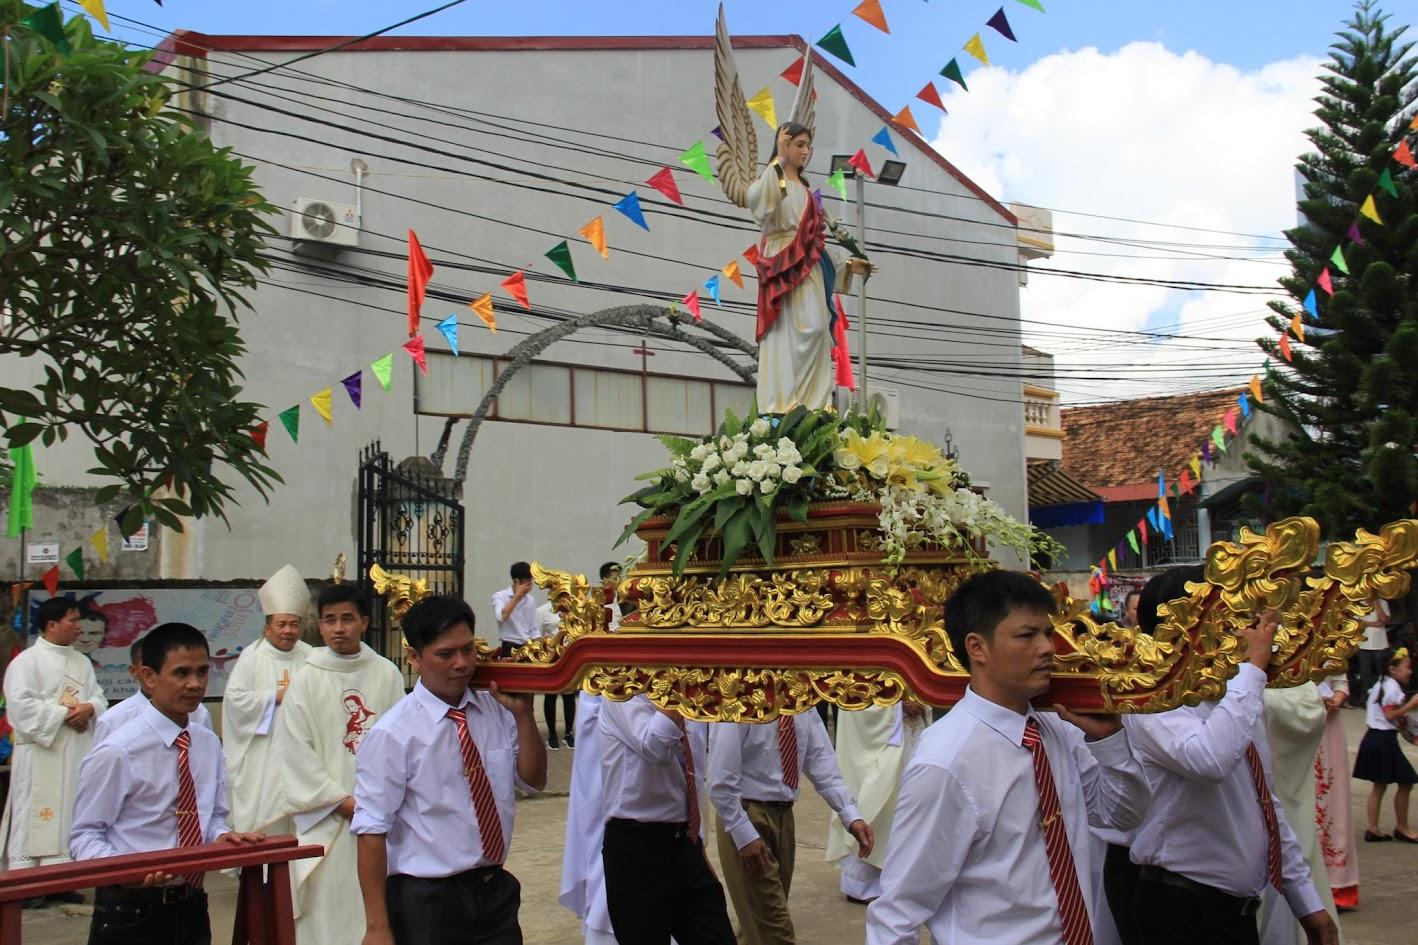 Giáo xứ Ngạn Sơn: Thánh lễ Bổn mạng và Làm phép Nhà mới - Ảnh minh hoạ 11